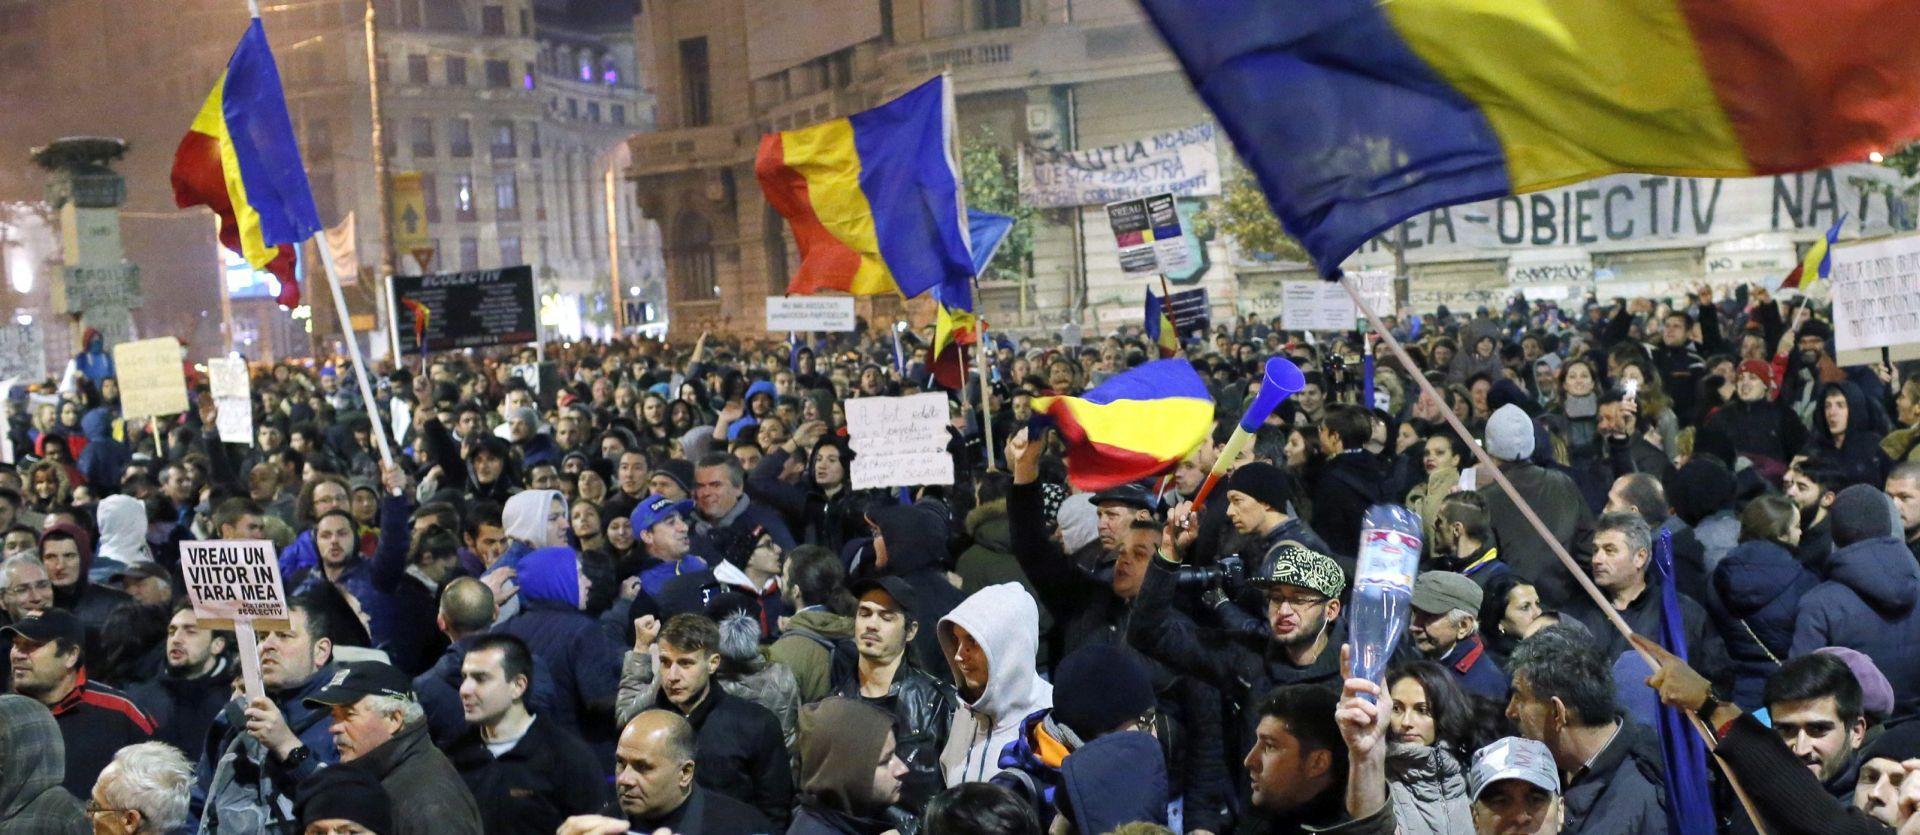 RUMUNJSKA TRAGEDIJA: Novi prosvjed i mimohod za žrtve požara u noćnom klubu